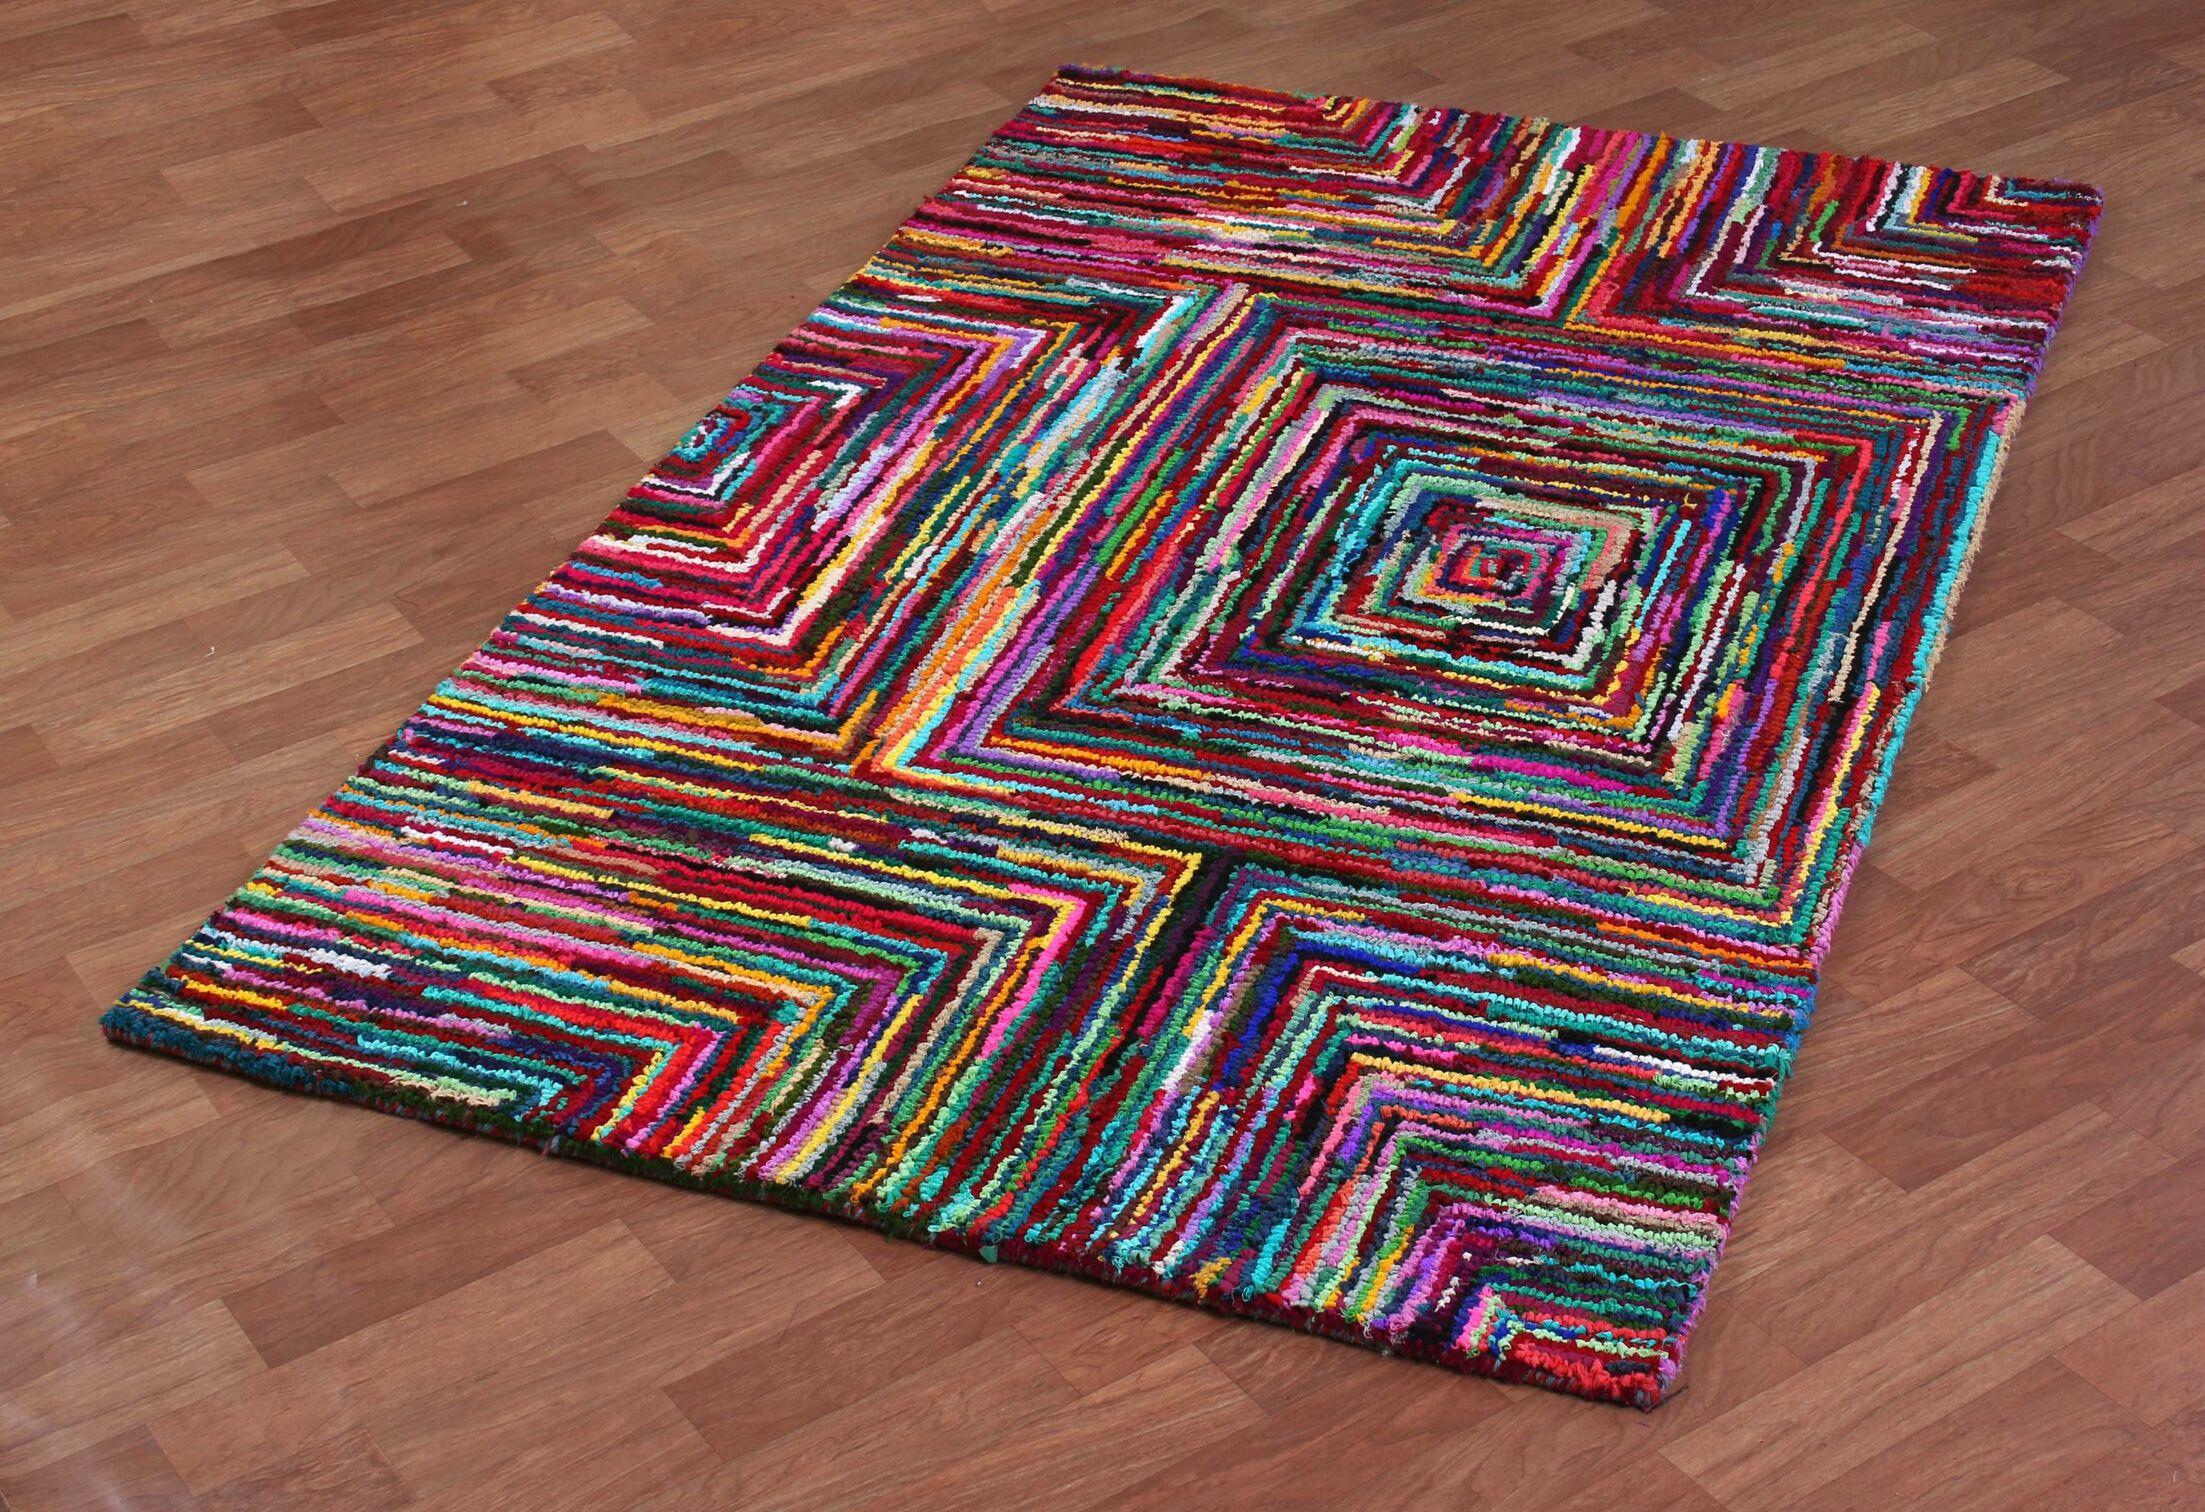 Brilliant Ribbon Hand Woven Cotton Multi-Colored Area Rug Rug Size: 5' x 8'